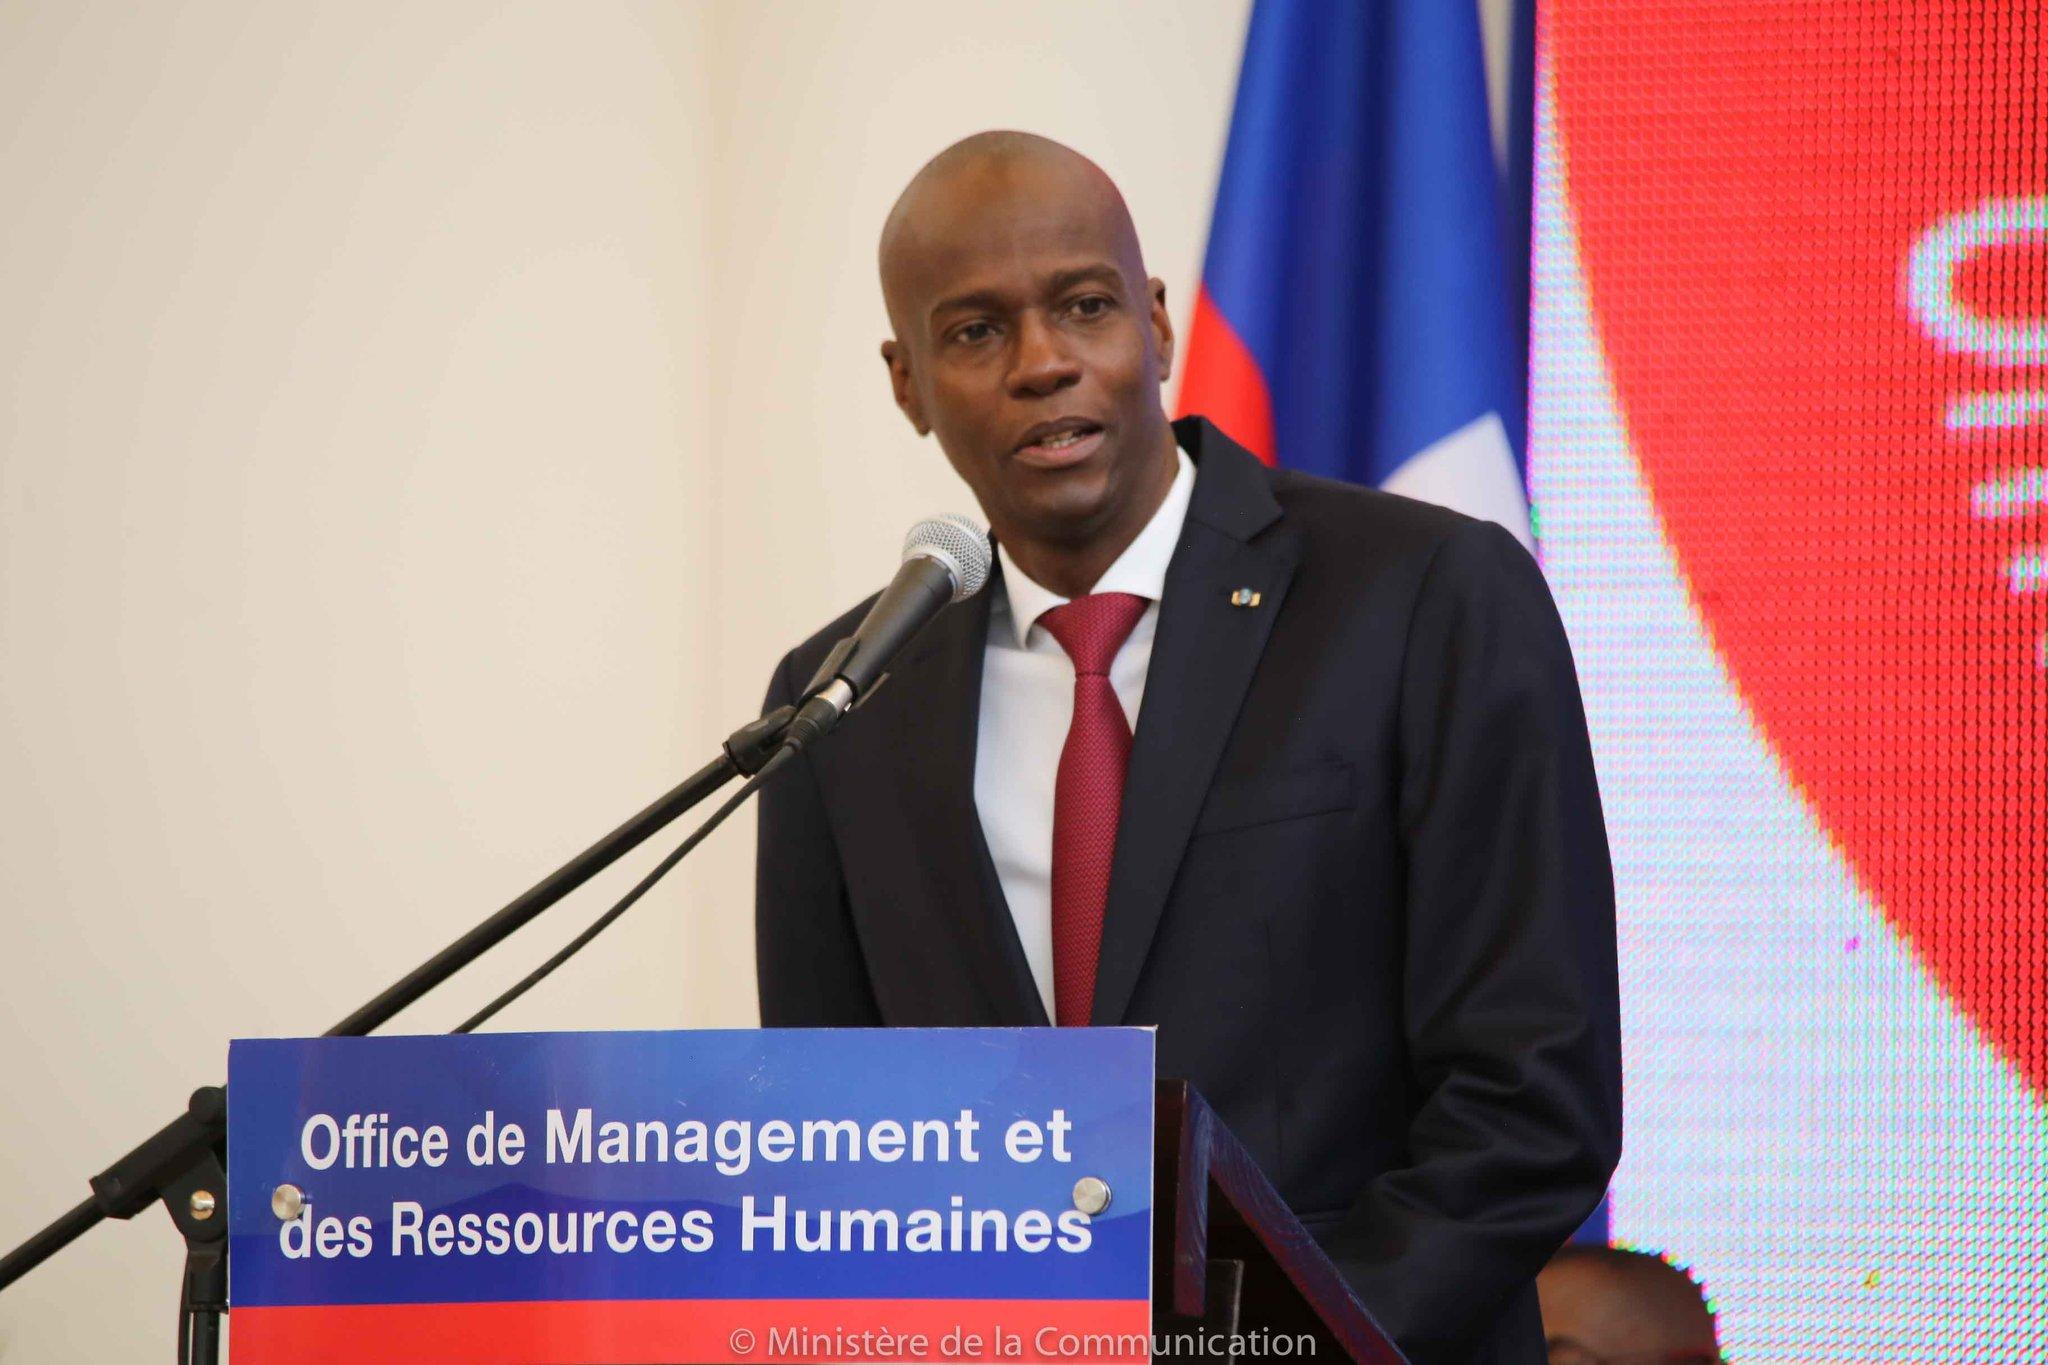 Le président d'Haïti Jovenel Moise au Forum International sur la Reforme de l'Etat